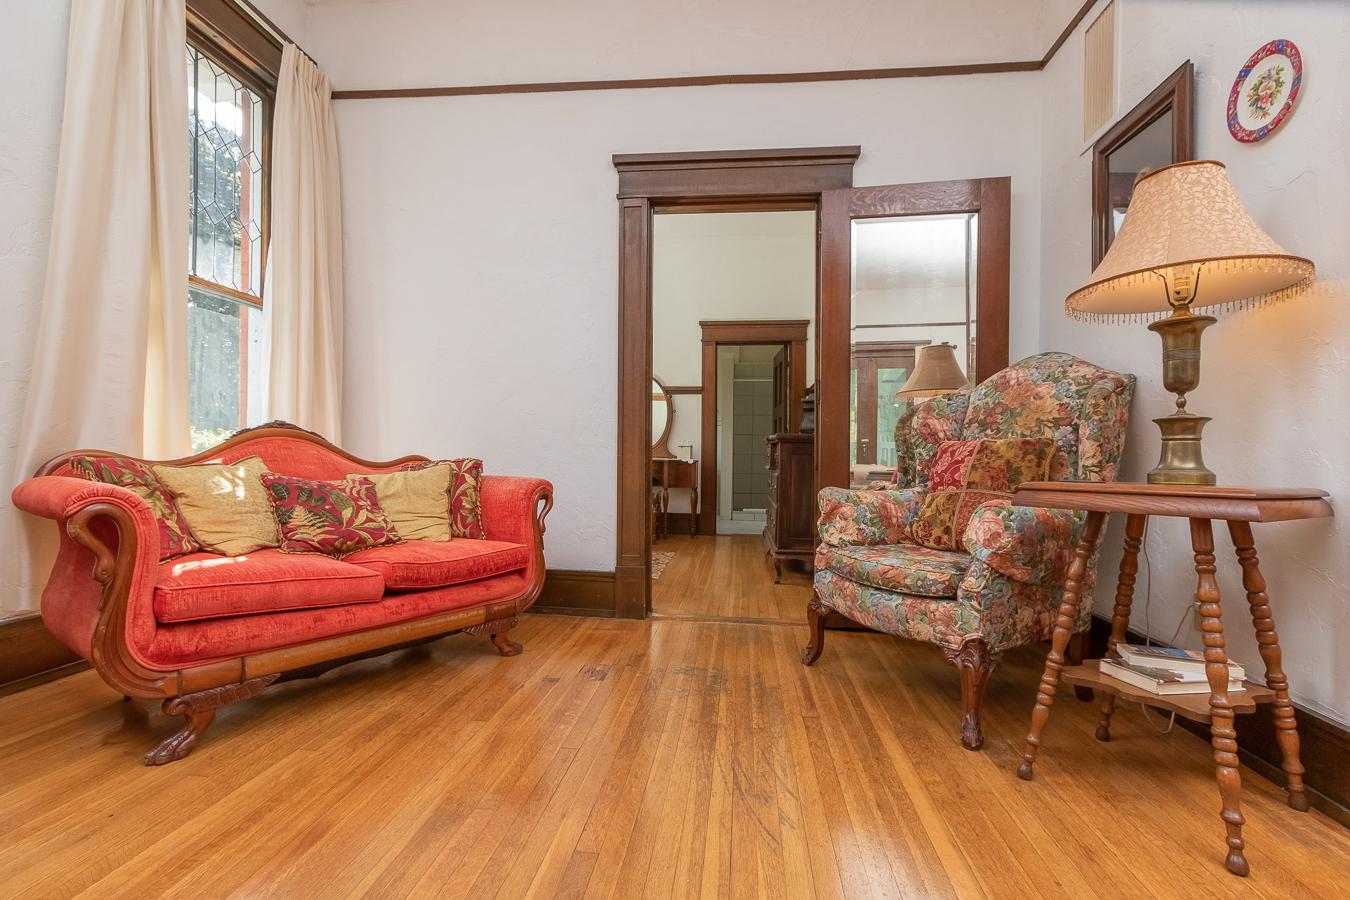 Herlong Suite | $189*